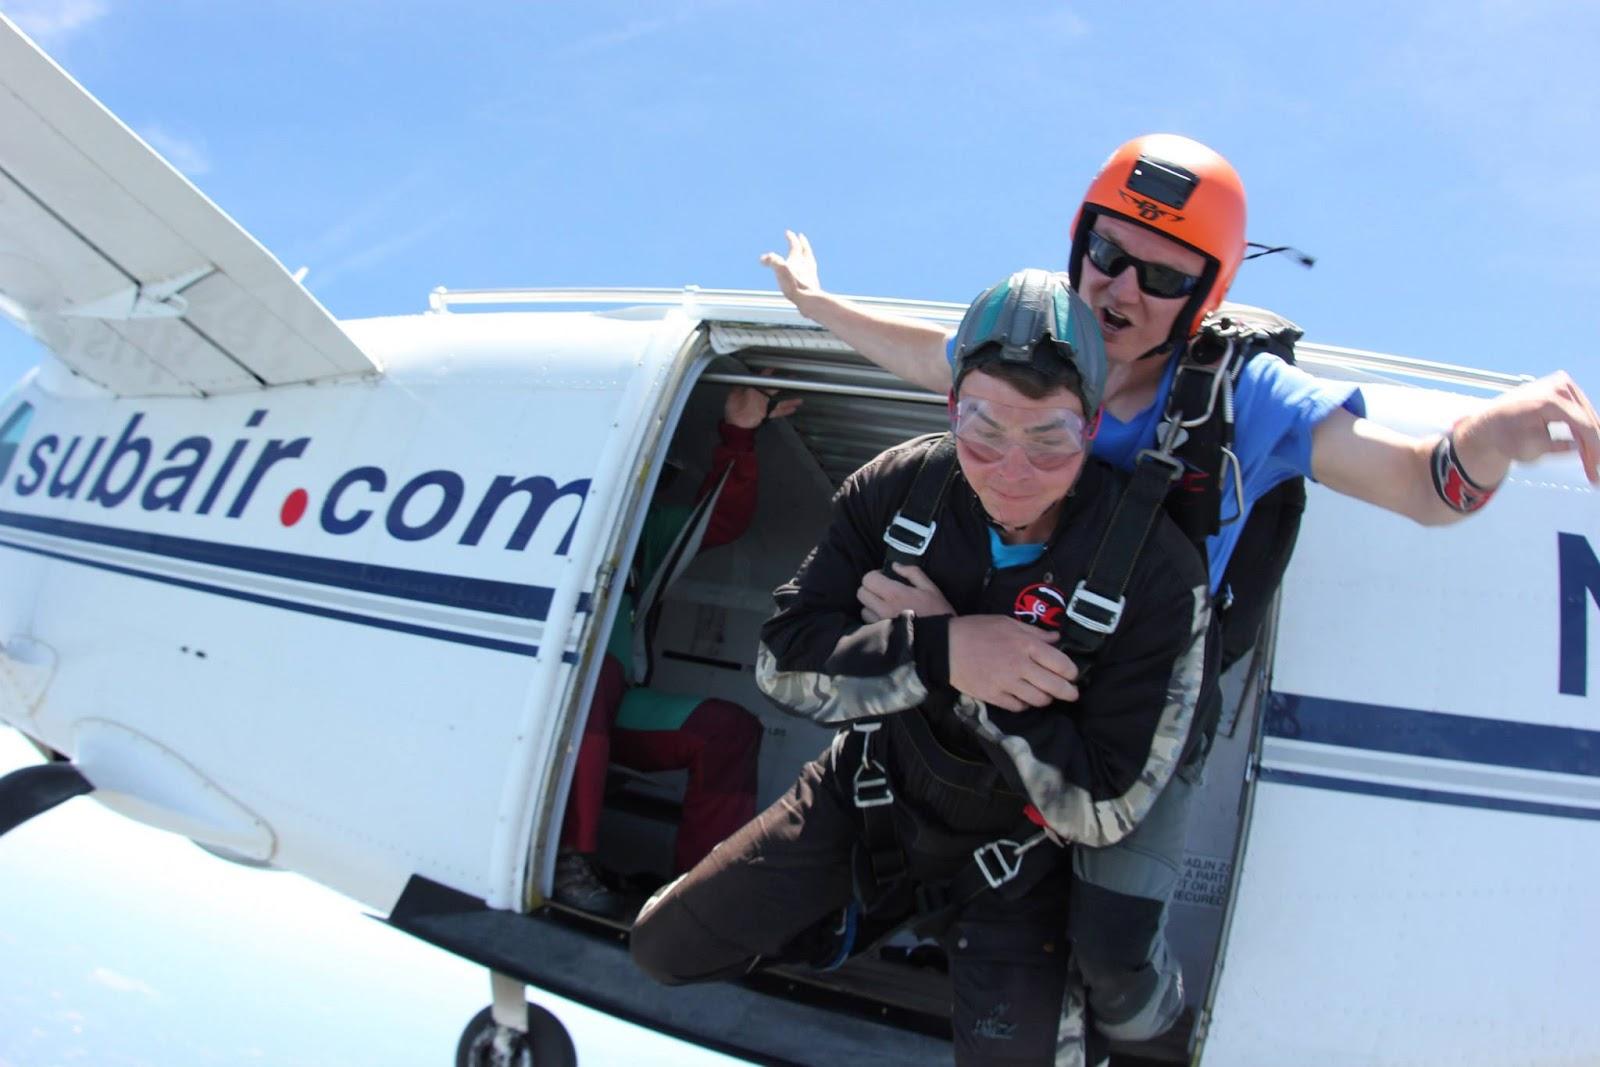 skydiving-freefall-what-is-it-like.jpg